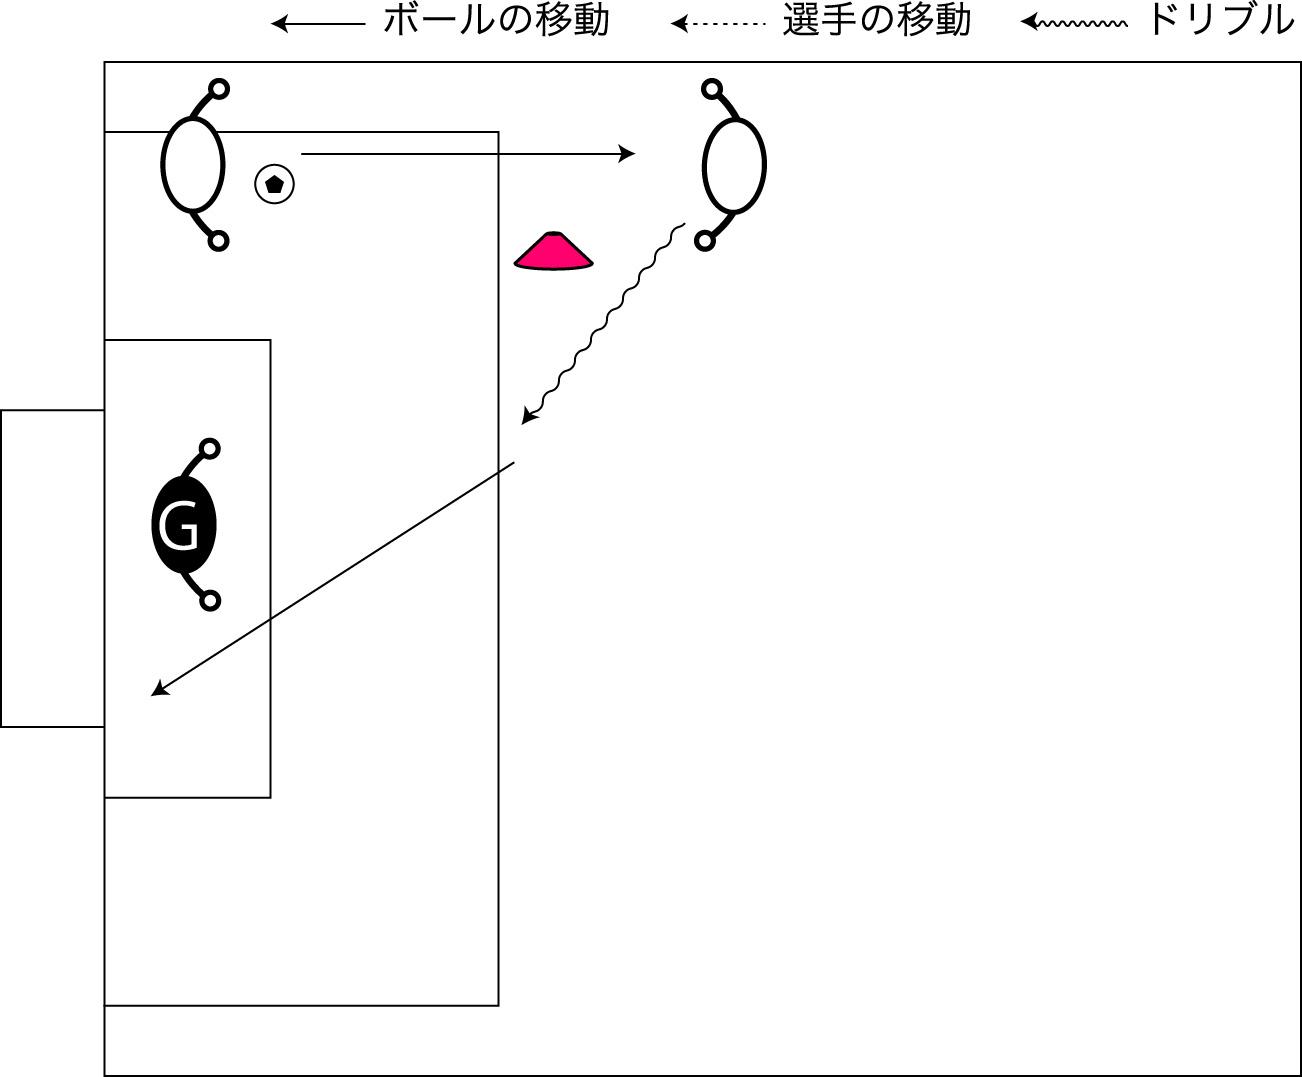 図解:サイドからのドリブルシュート